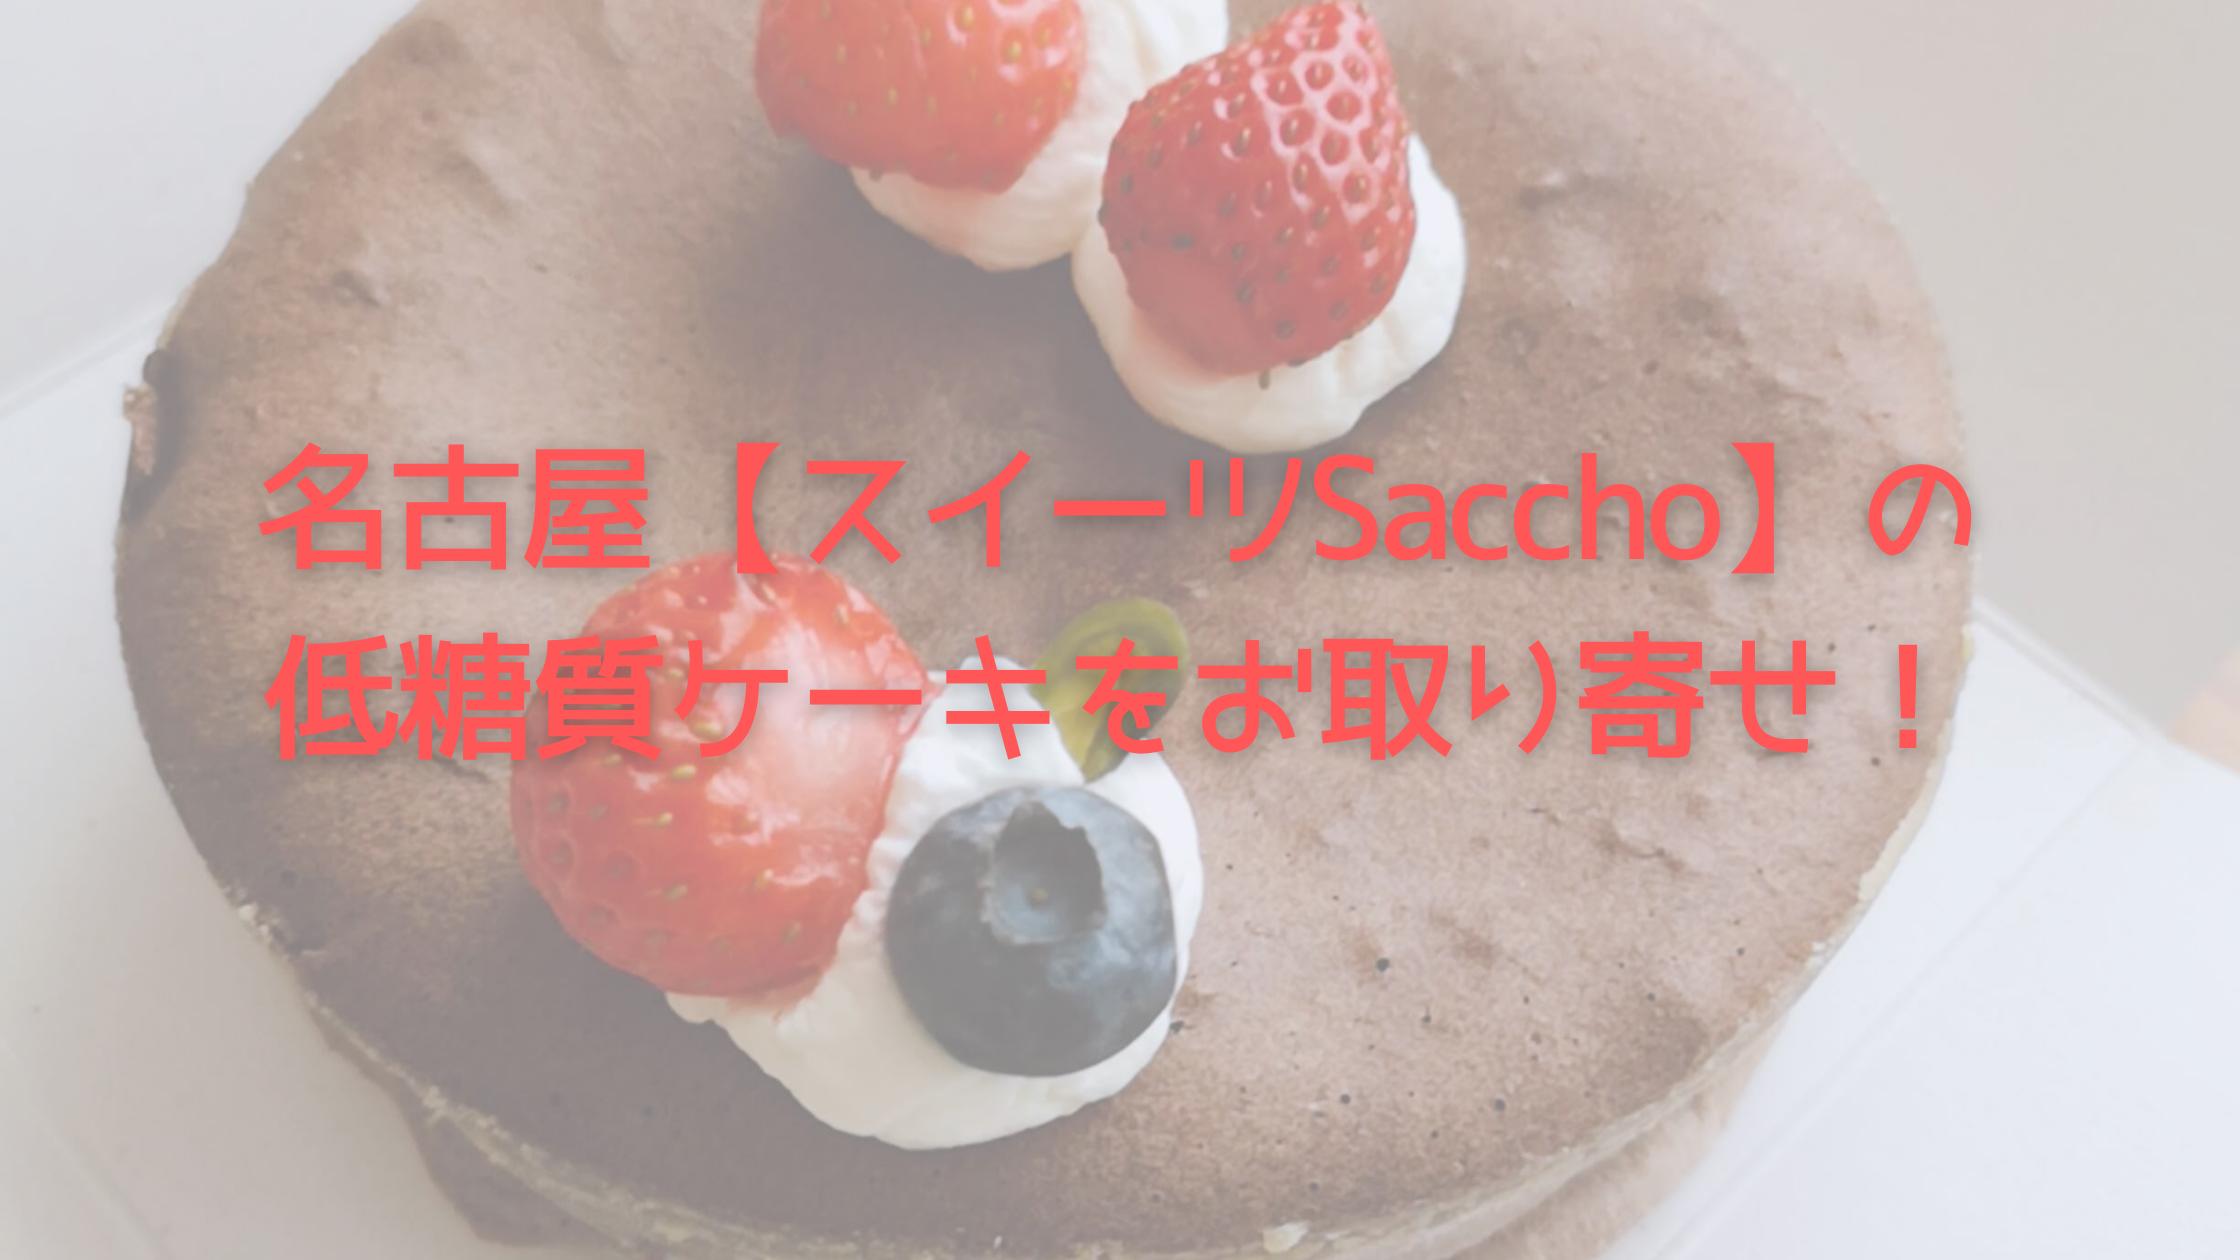 名古屋【スイーツSaccho(Sweetsローカボ)】の低糖質ケーキをお取り寄せ!